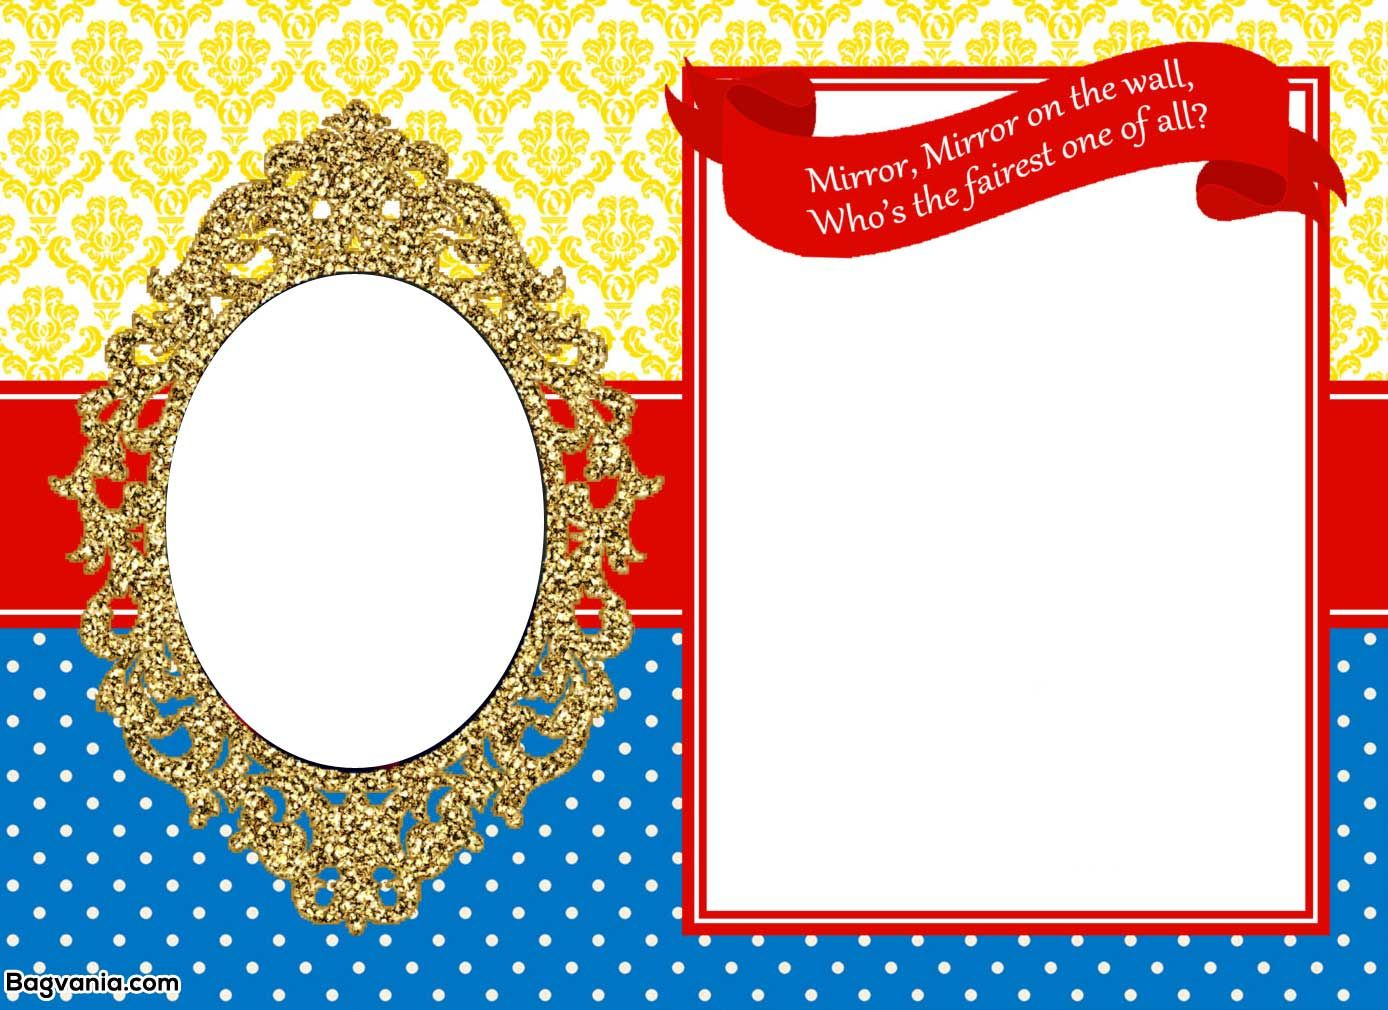 Awesome Free Printable Snow White Birthday Invitations | Bagvania - Snow White Invitations Free Printable